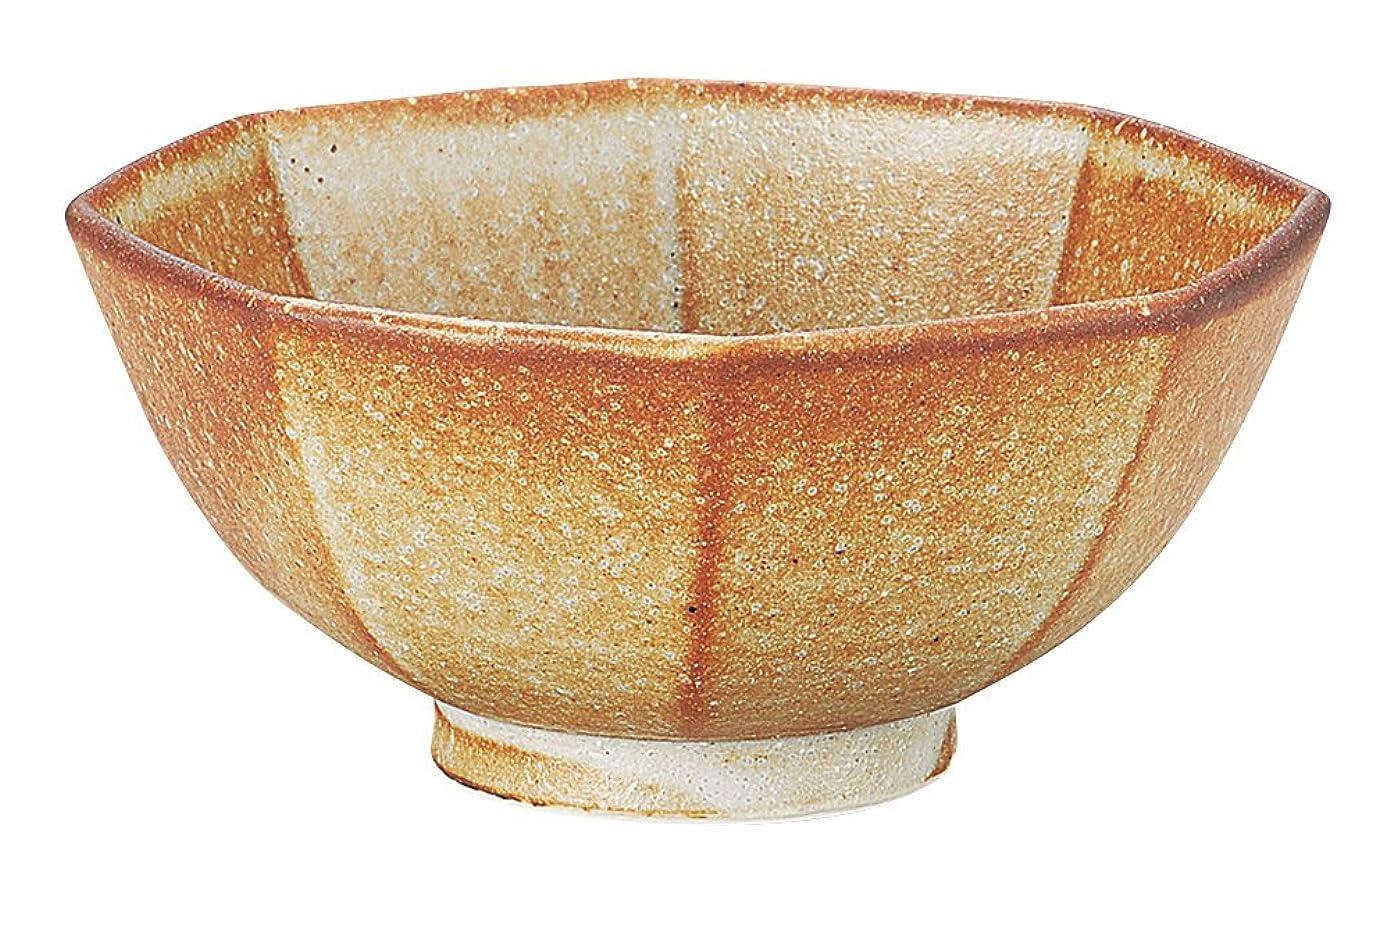 クアッガ研磨剤インシュレータ宗峰窯 丼 しの 6.0 八角 18.7×18×8.5cm 412-10-653